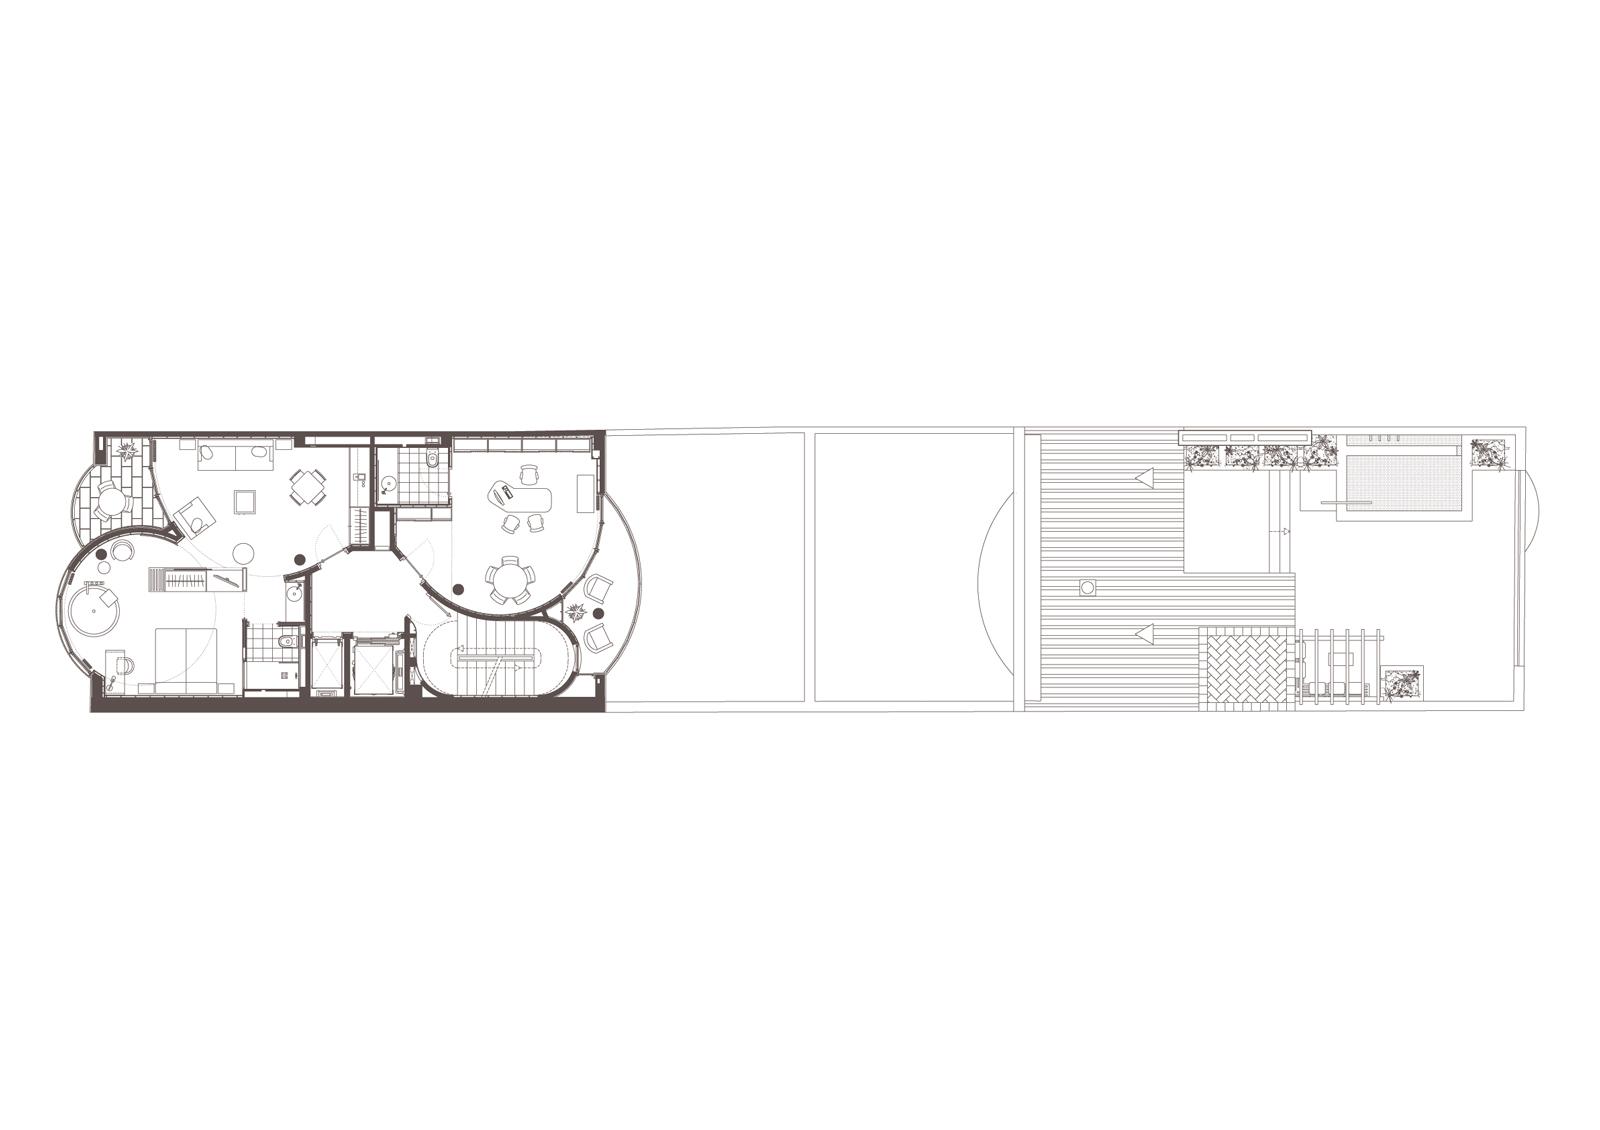 Planta 4. Projecte d'obra nova: 2015 Hotel de 4* entre mitgeres